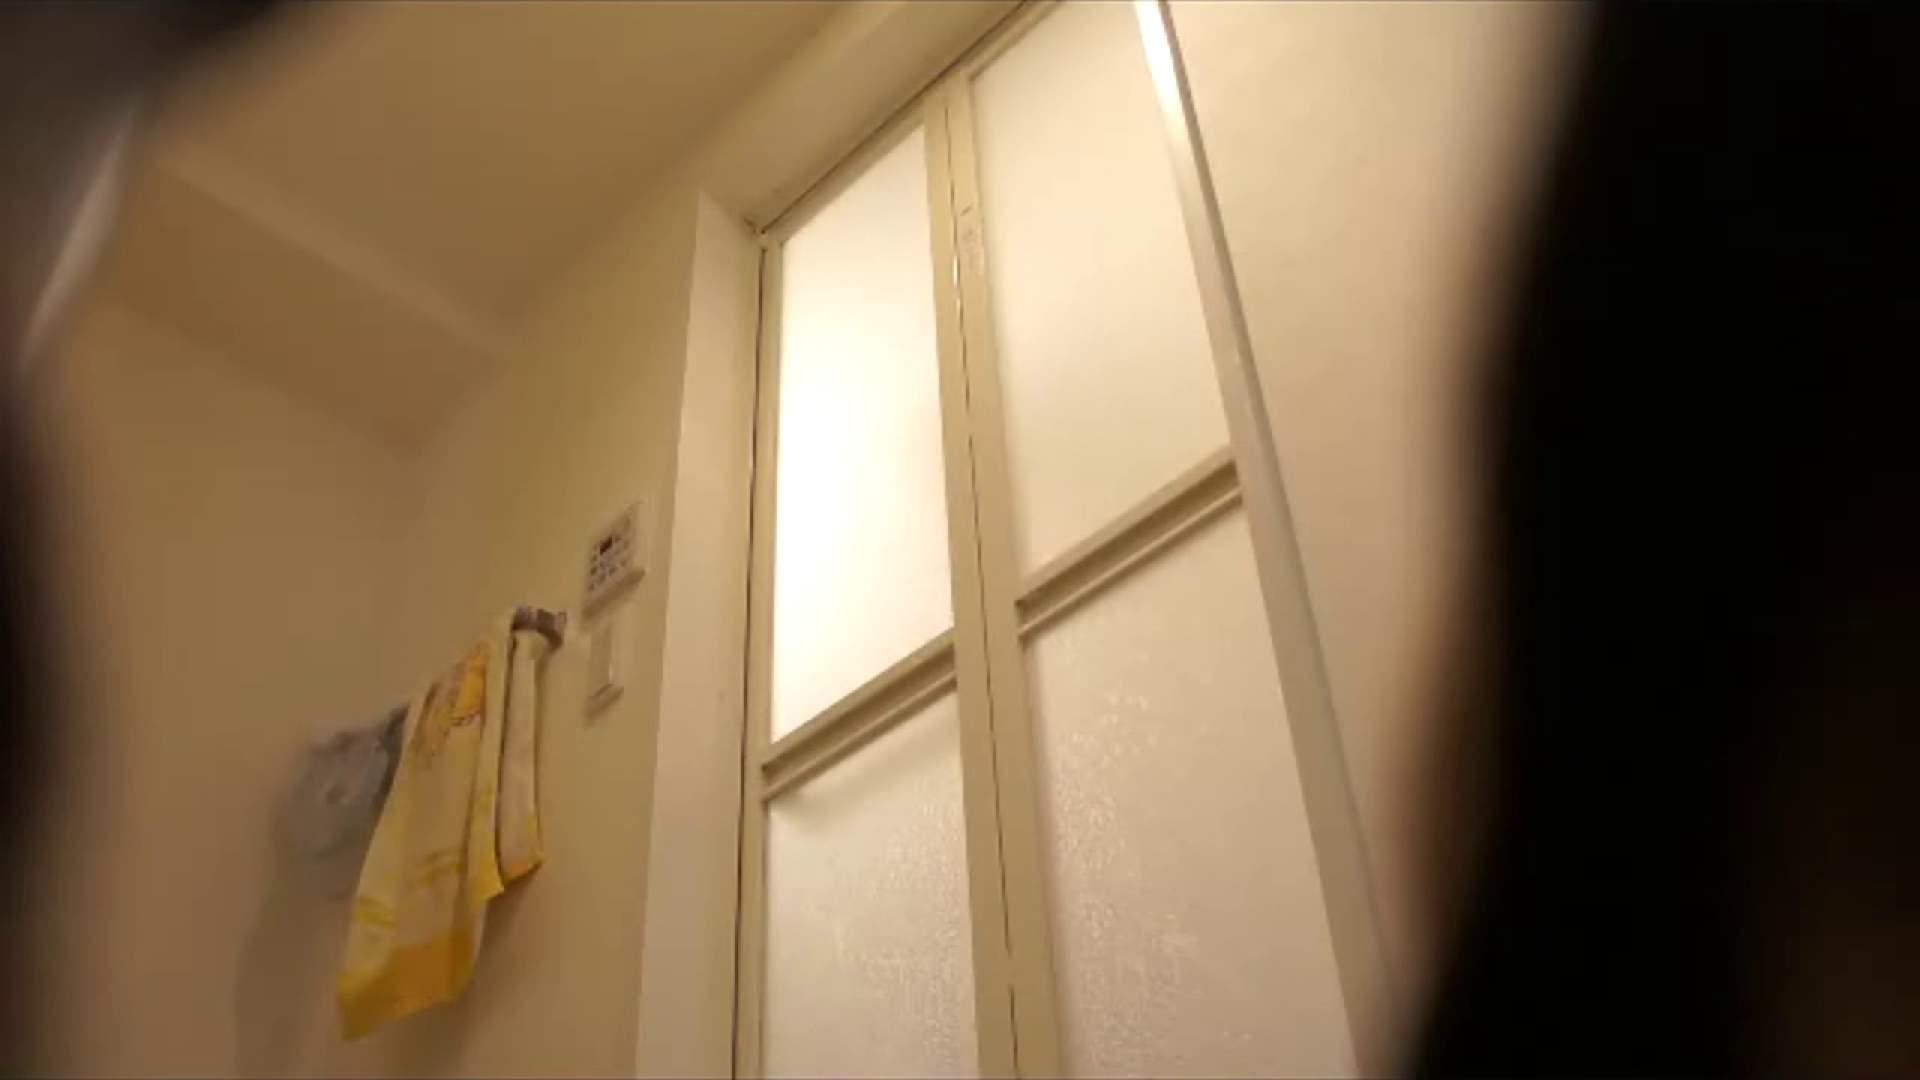 無料アダルト動画:二人とも育てた甲斐がありました… vol.16 レイカのヒモ付き入浴:のぞき本舗 中村屋